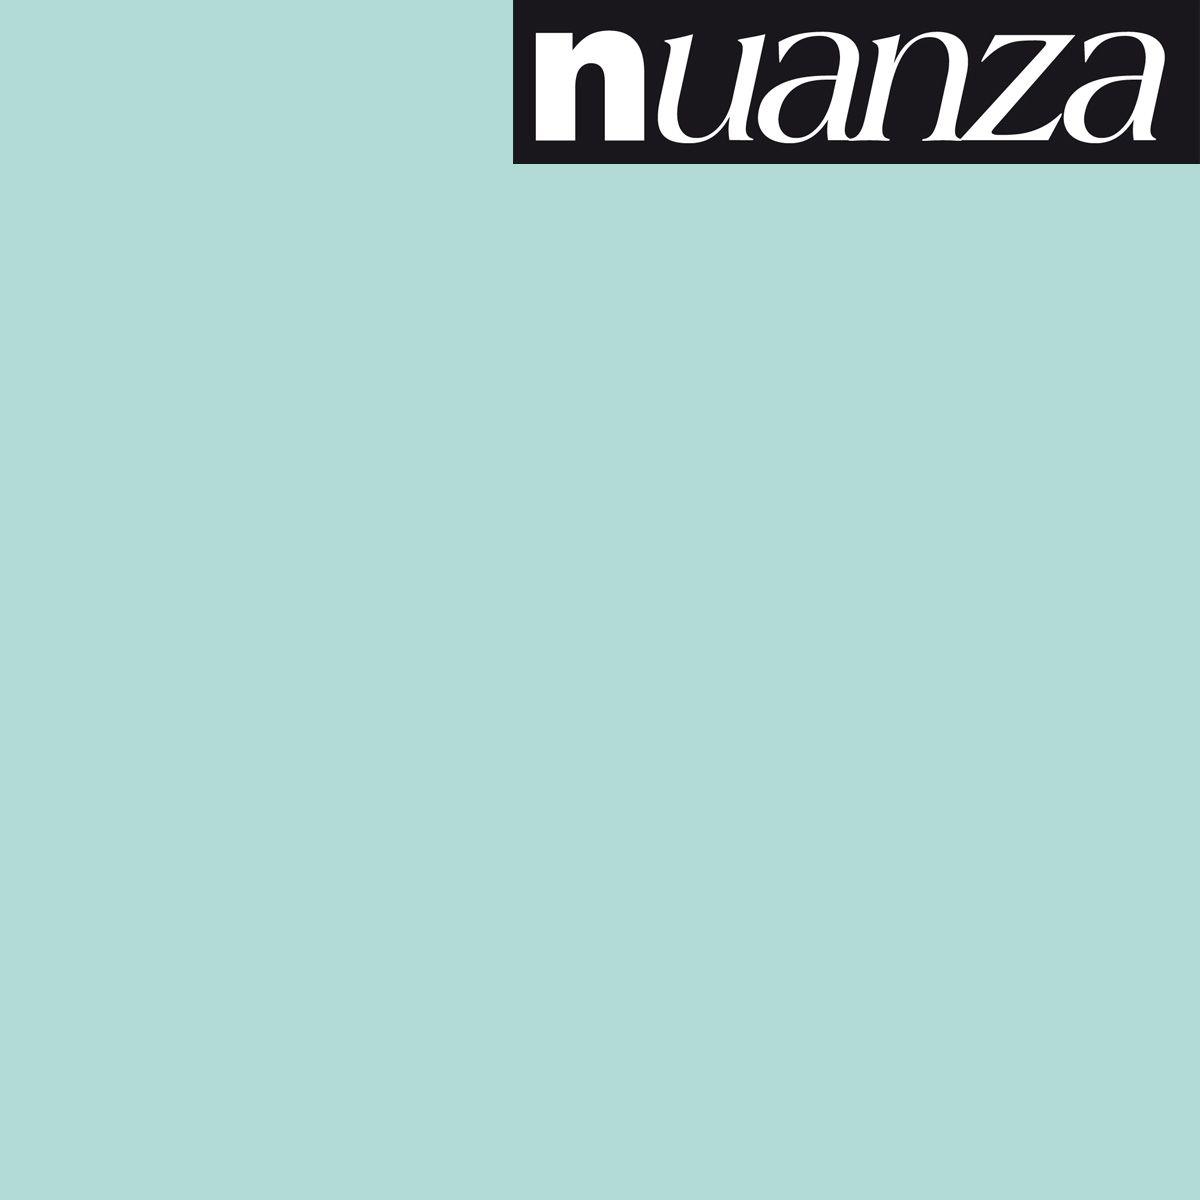 Peinture Nuanza satin monocouche menthe 2.5l